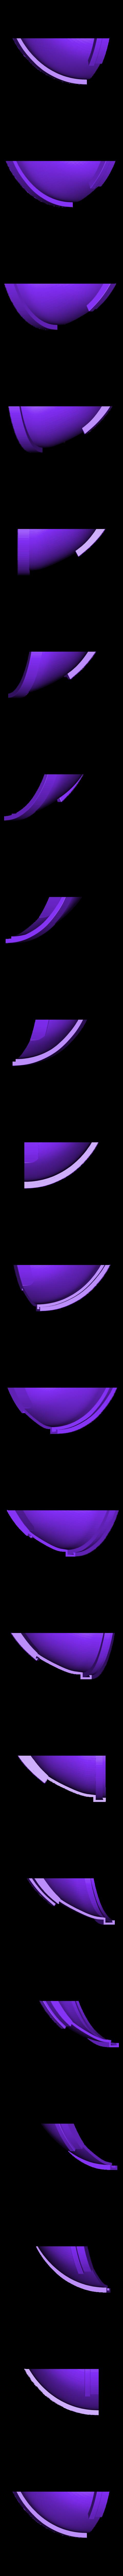 Part_3.stl Télécharger fichier STL gratuit Capitaine Rex Casque Phase 2 (Star Wars) • Plan imprimable en 3D, VillainousPropShop